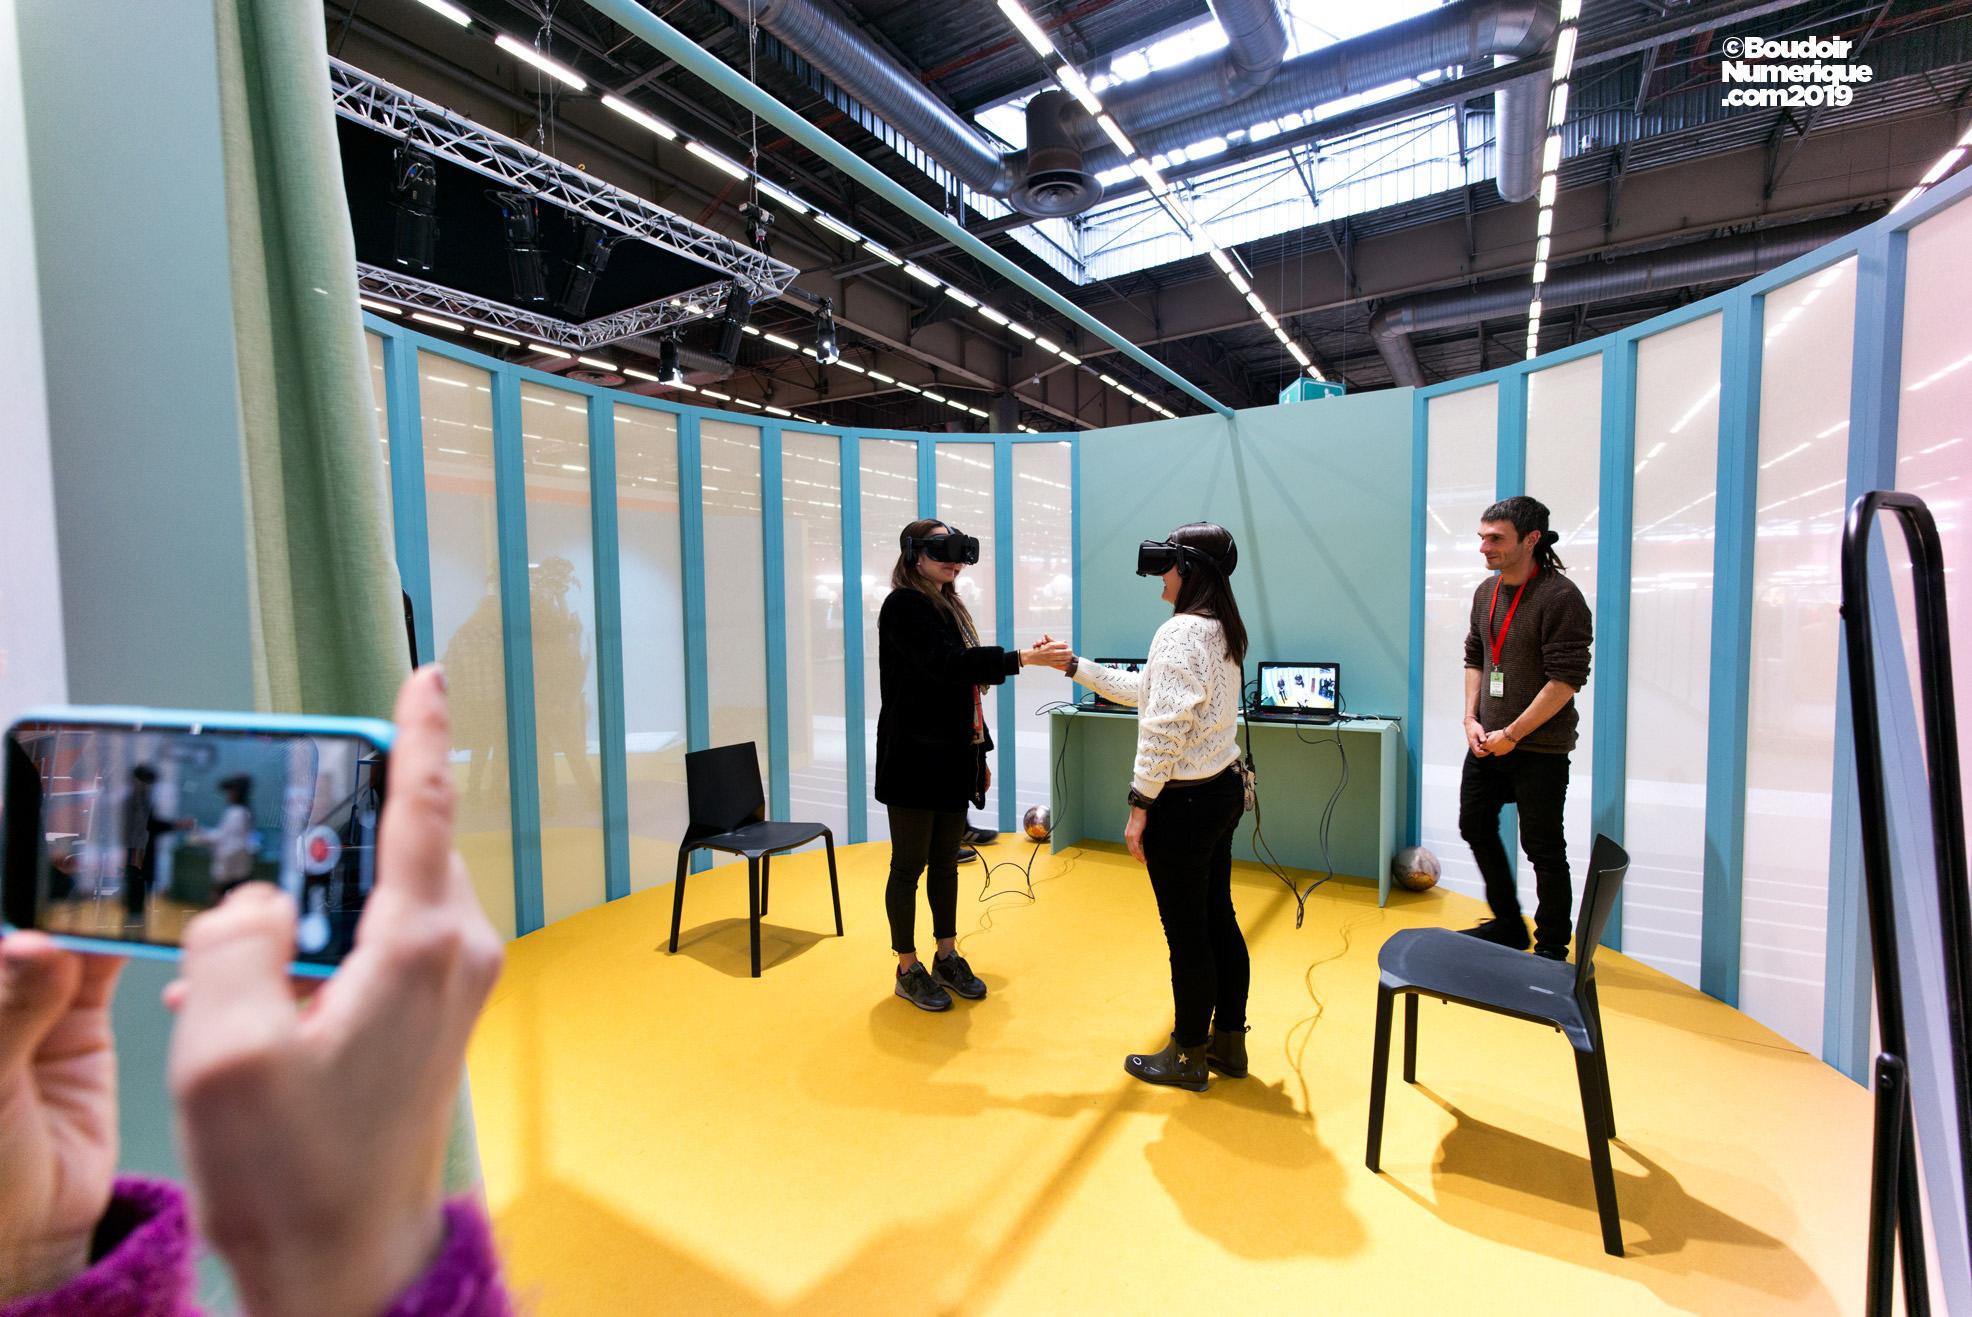 L'installation de réalité virtuelle du collectif BeAnotherLab permettait à deux participants de troquer leur vision contre celle de l'autre.